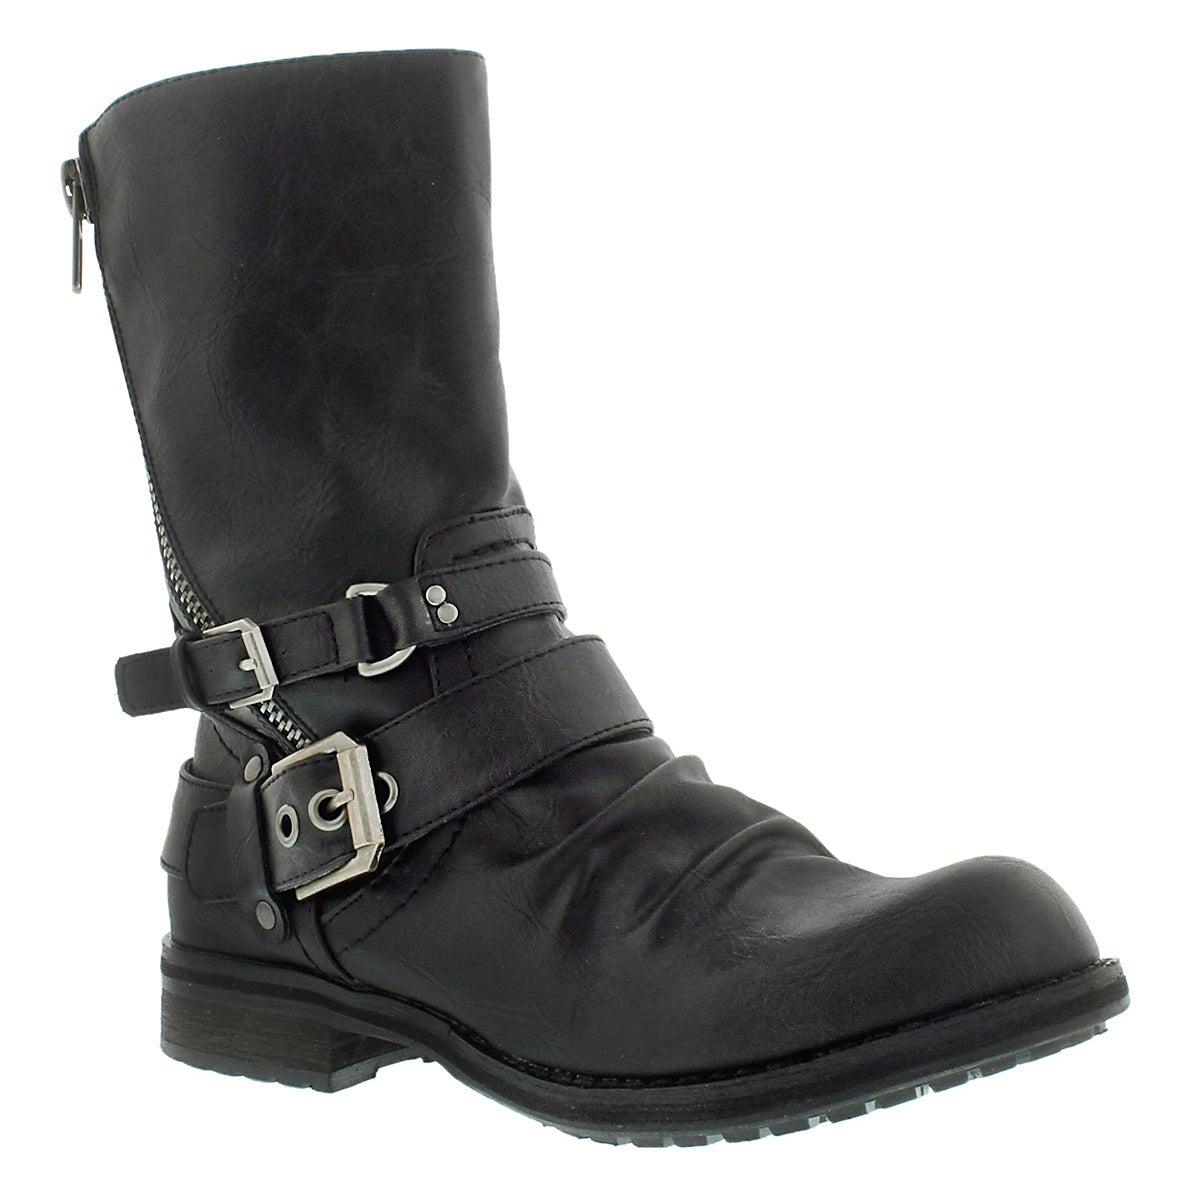 Lds Brietta II black mid buckle boot